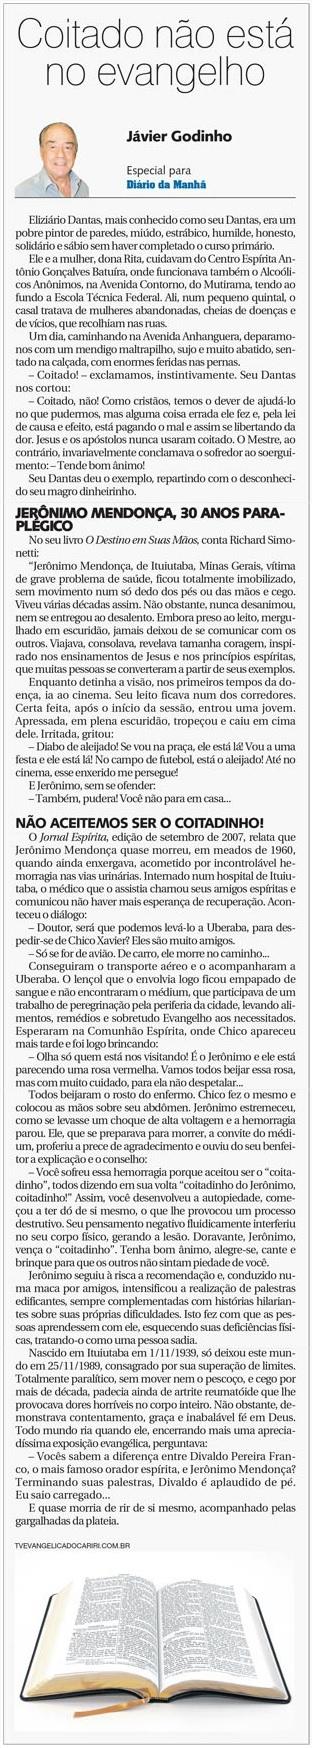 DM 03-09-2014 - Coitado não está no evangelho - Jávier Godinho